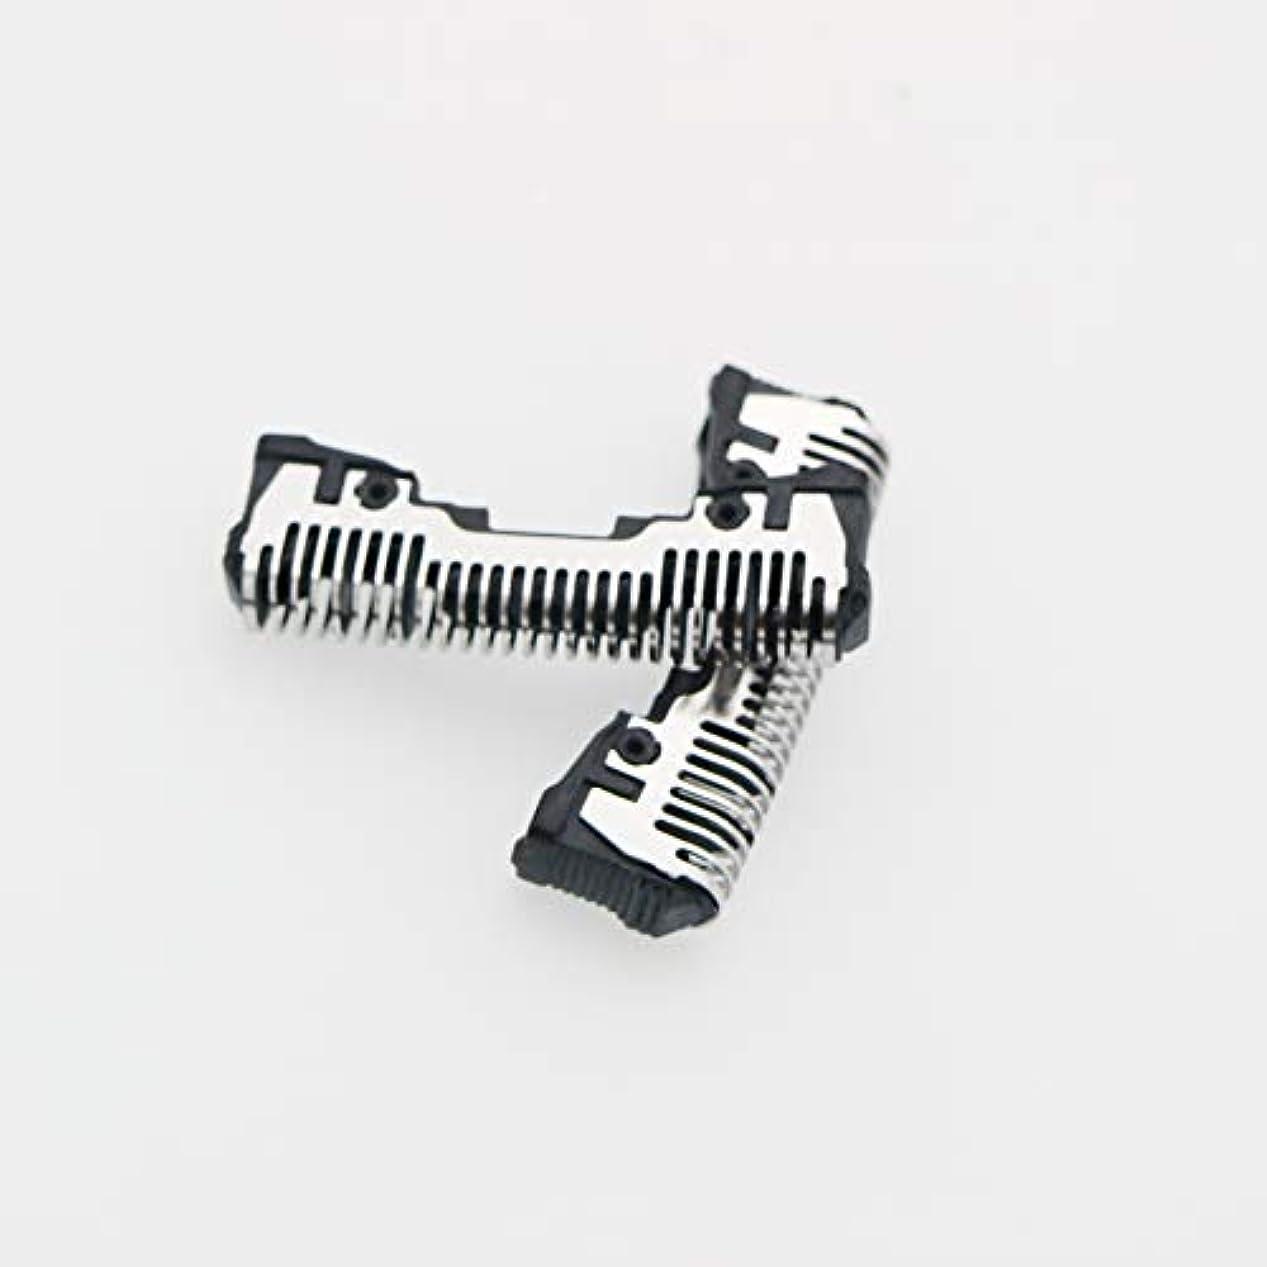 反応する幸運な流VWONST Shaver Replacement WES9068 Cutter/Blades for ES-BSL4 ES-ST21 ES-ST23 ES-ST25 ES-ST27 ES-ST29 ES8101 ES8109...